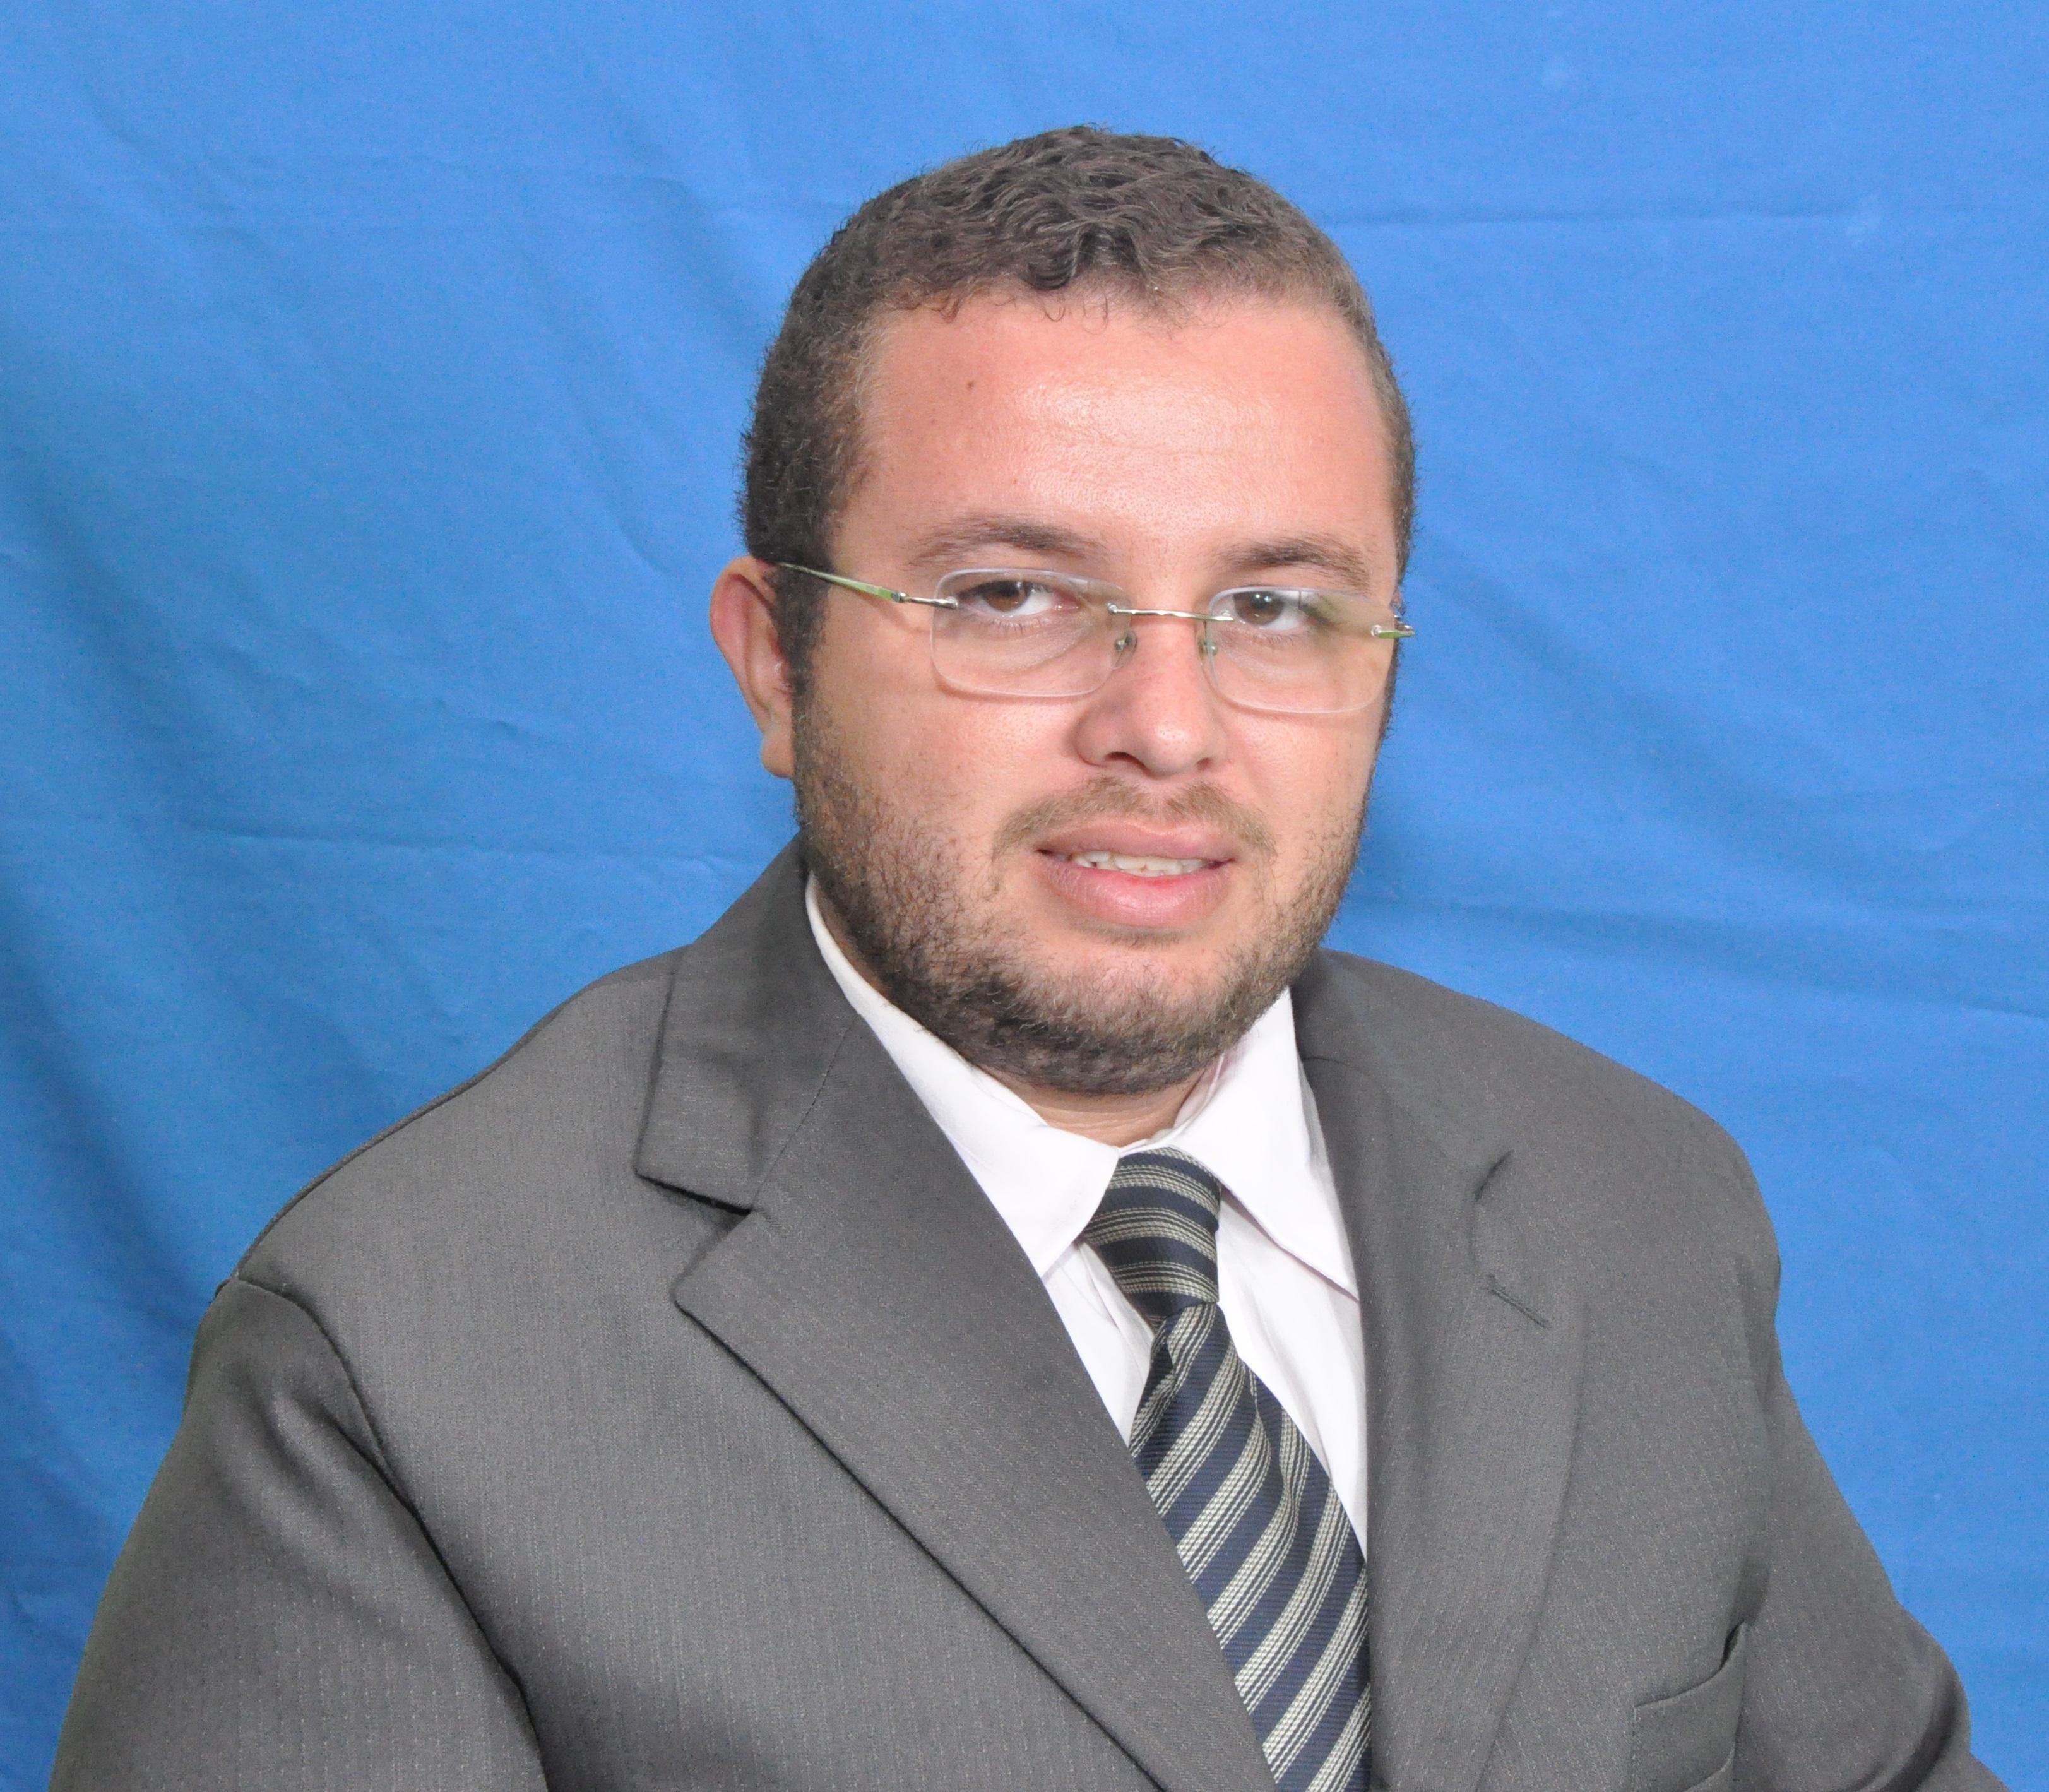 Vinicius Gomes da Silva